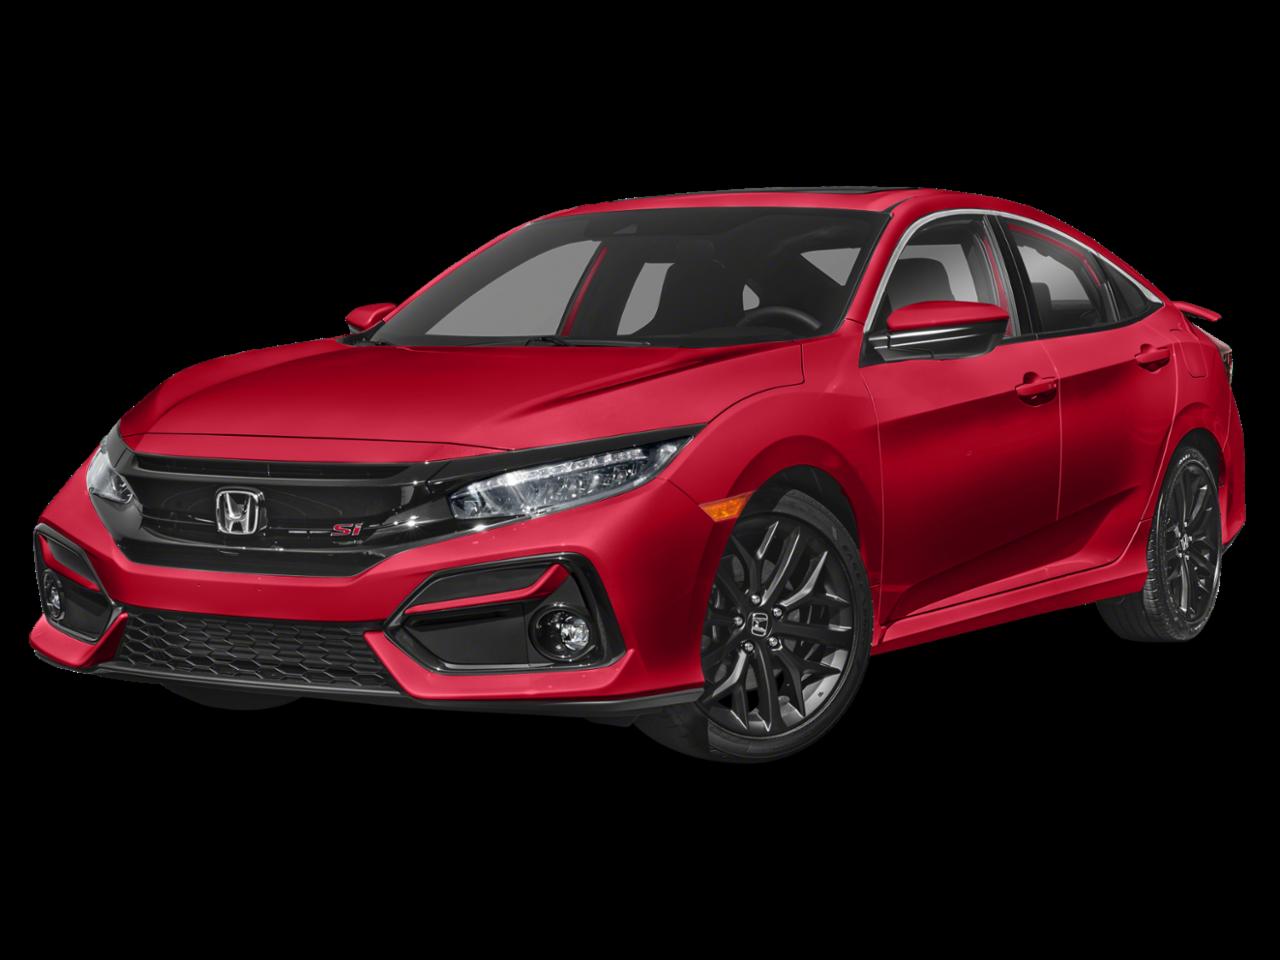 Honda 2020 Civic Si Sedan Manual w/Summer Tires